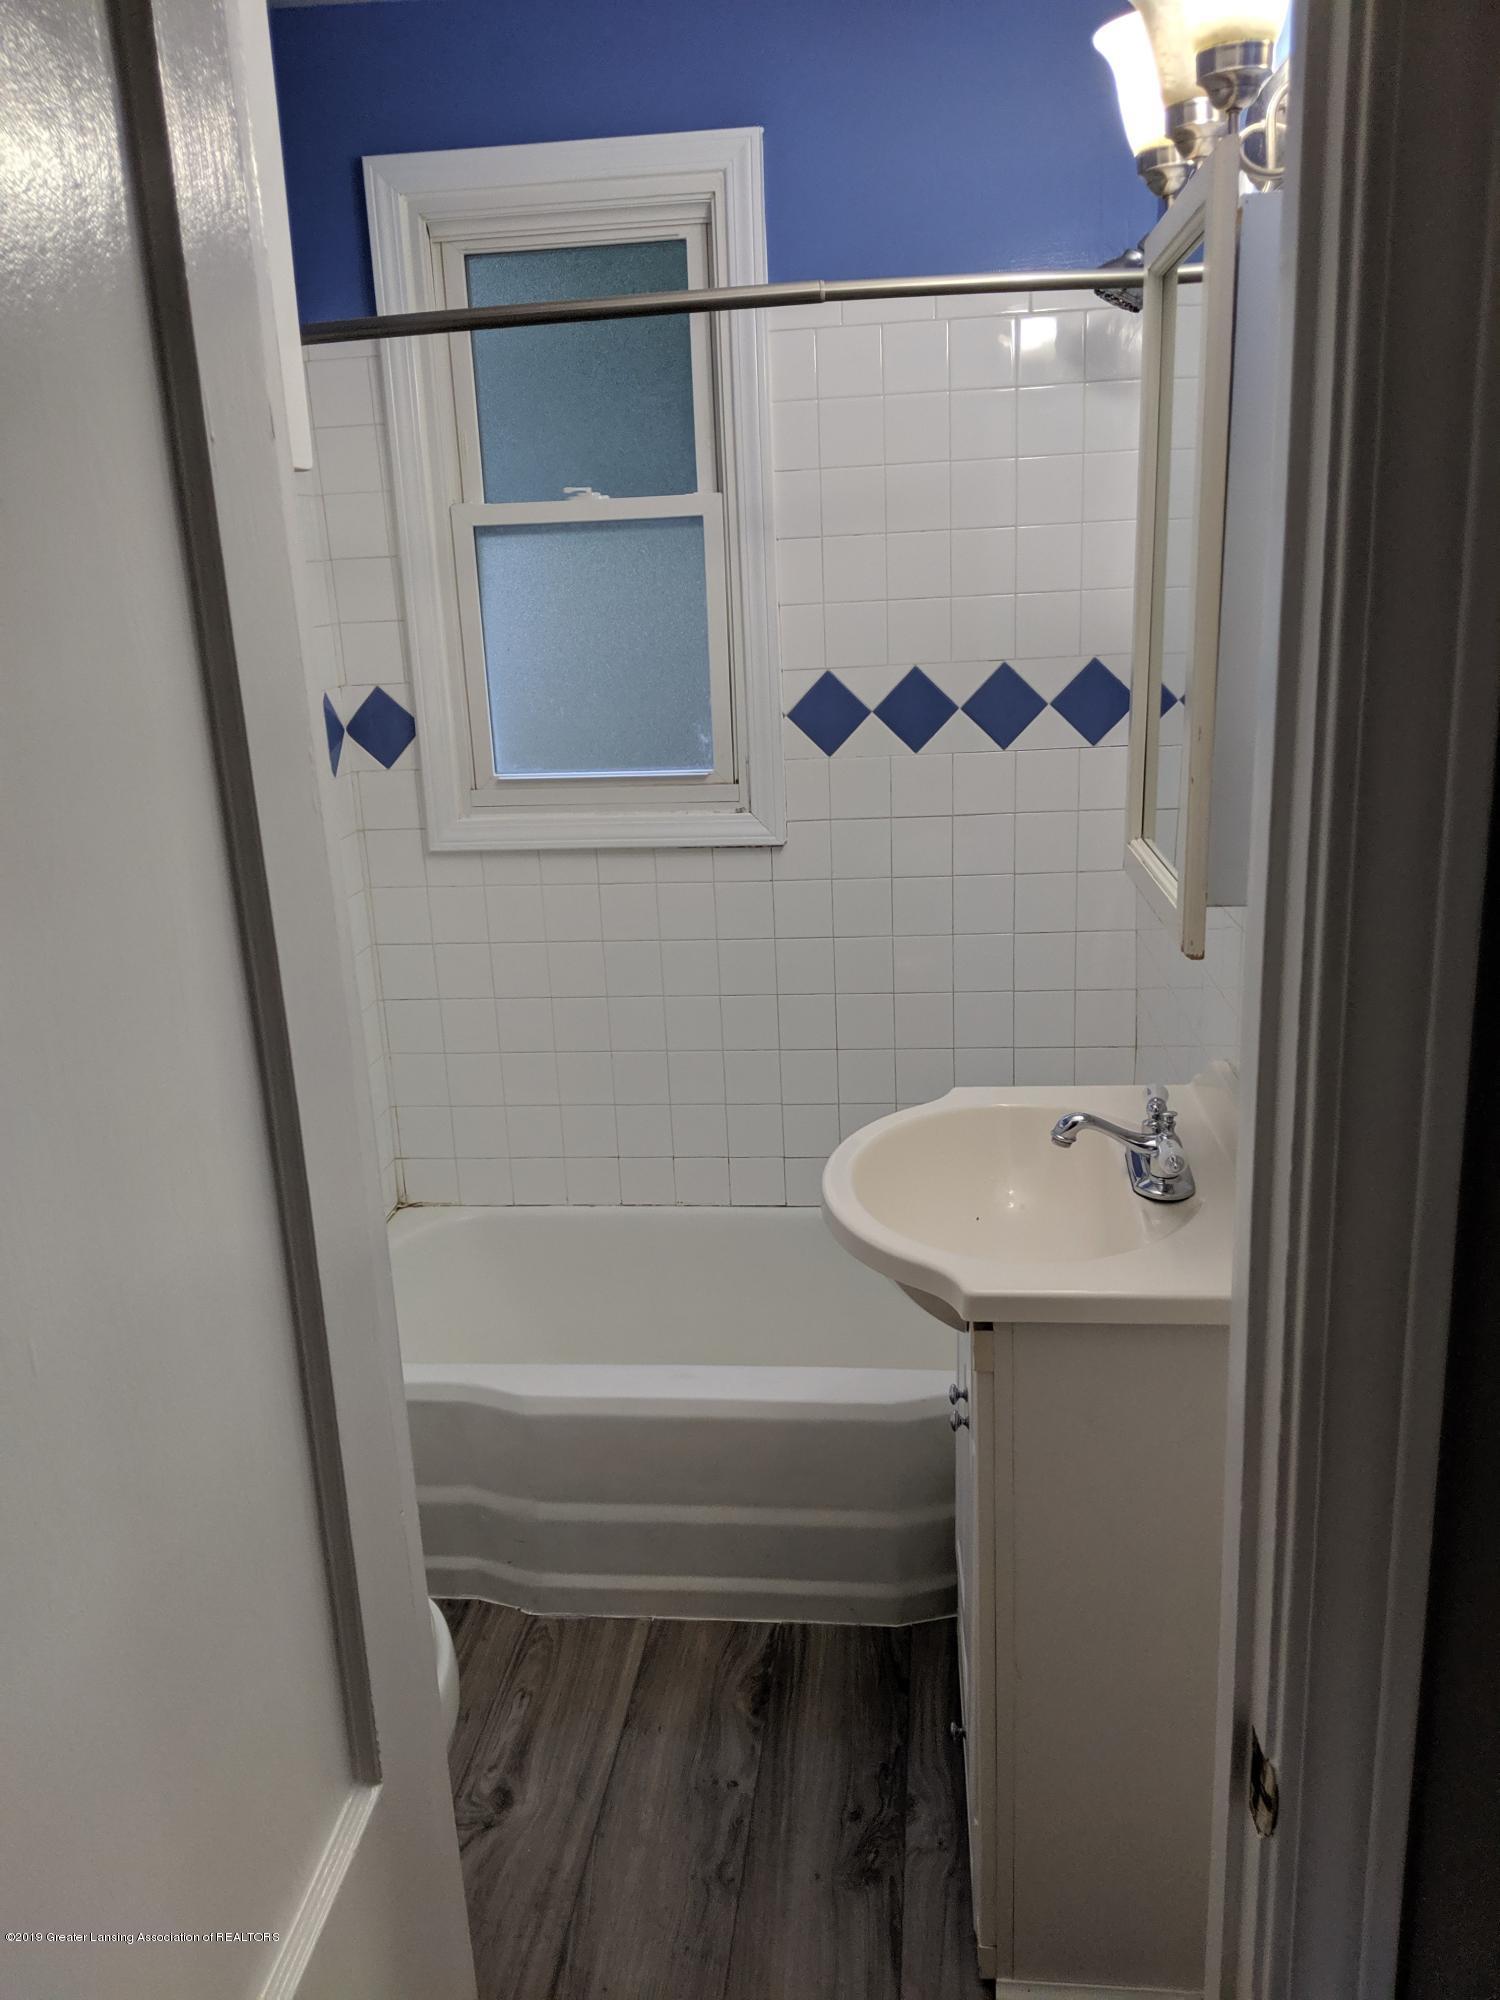 730 Hunter Blvd - Bathroom - 11